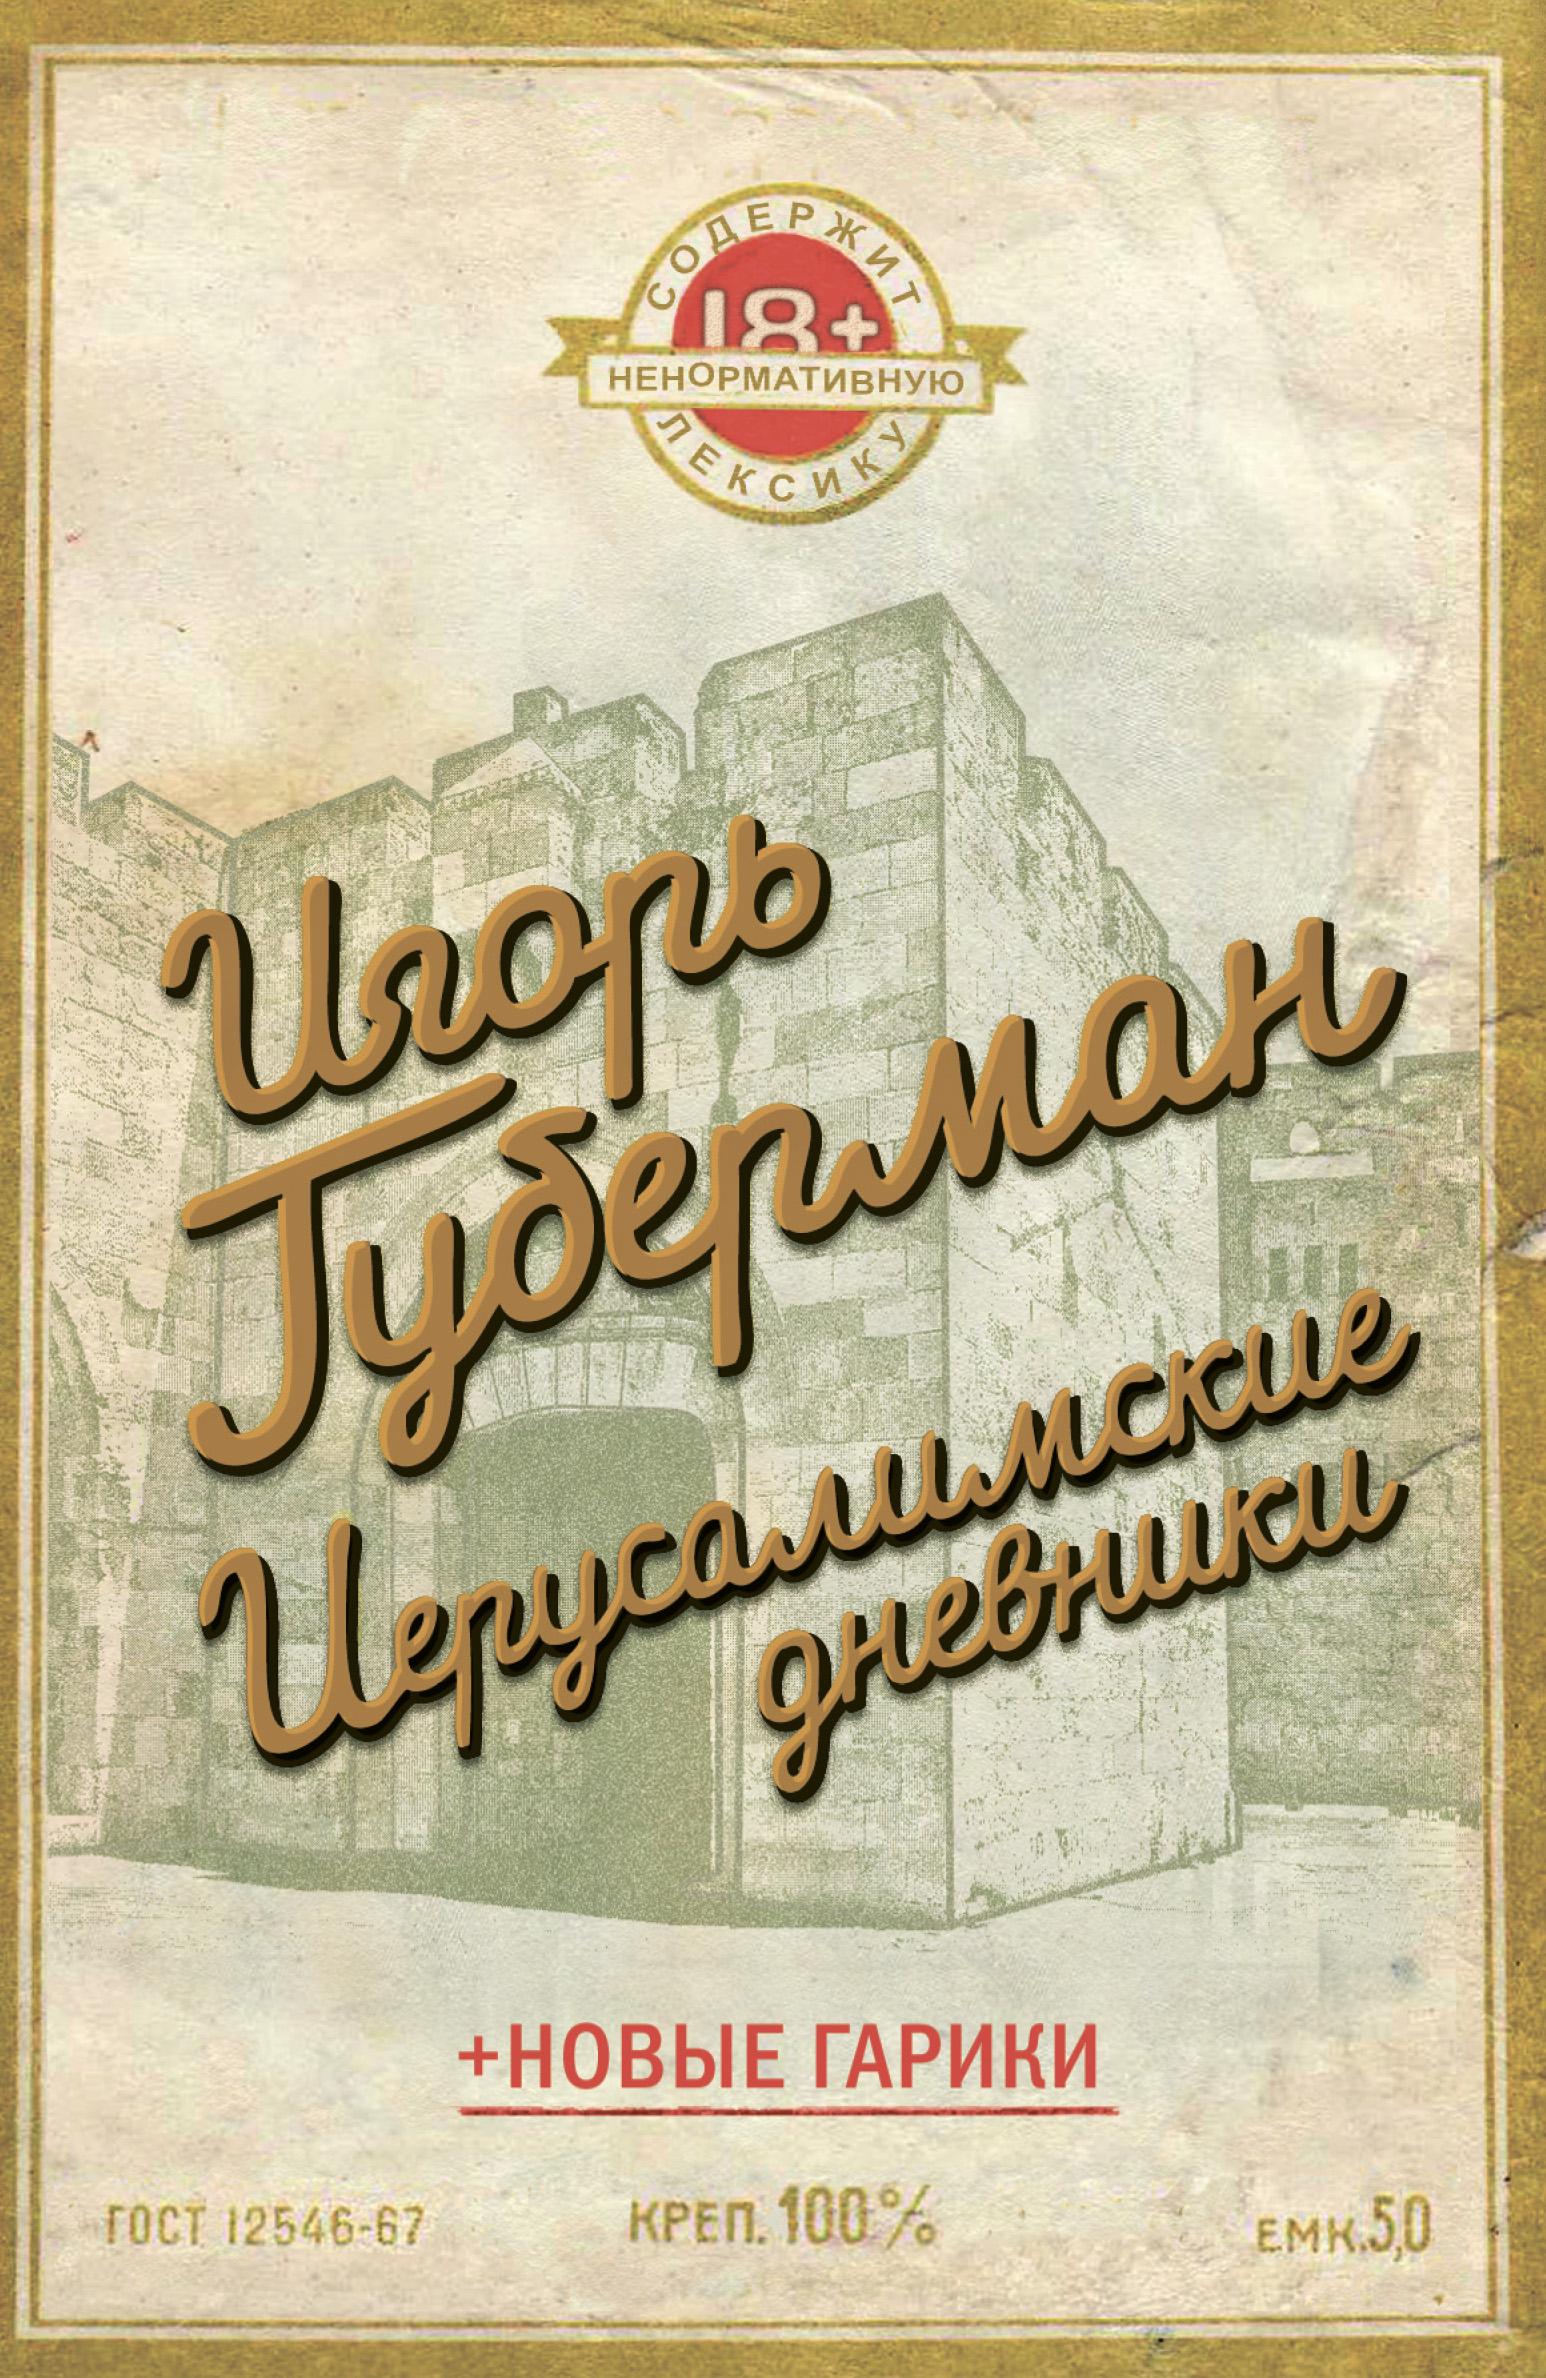 Игорь Губерман Иерусалимские дневники (сборник)